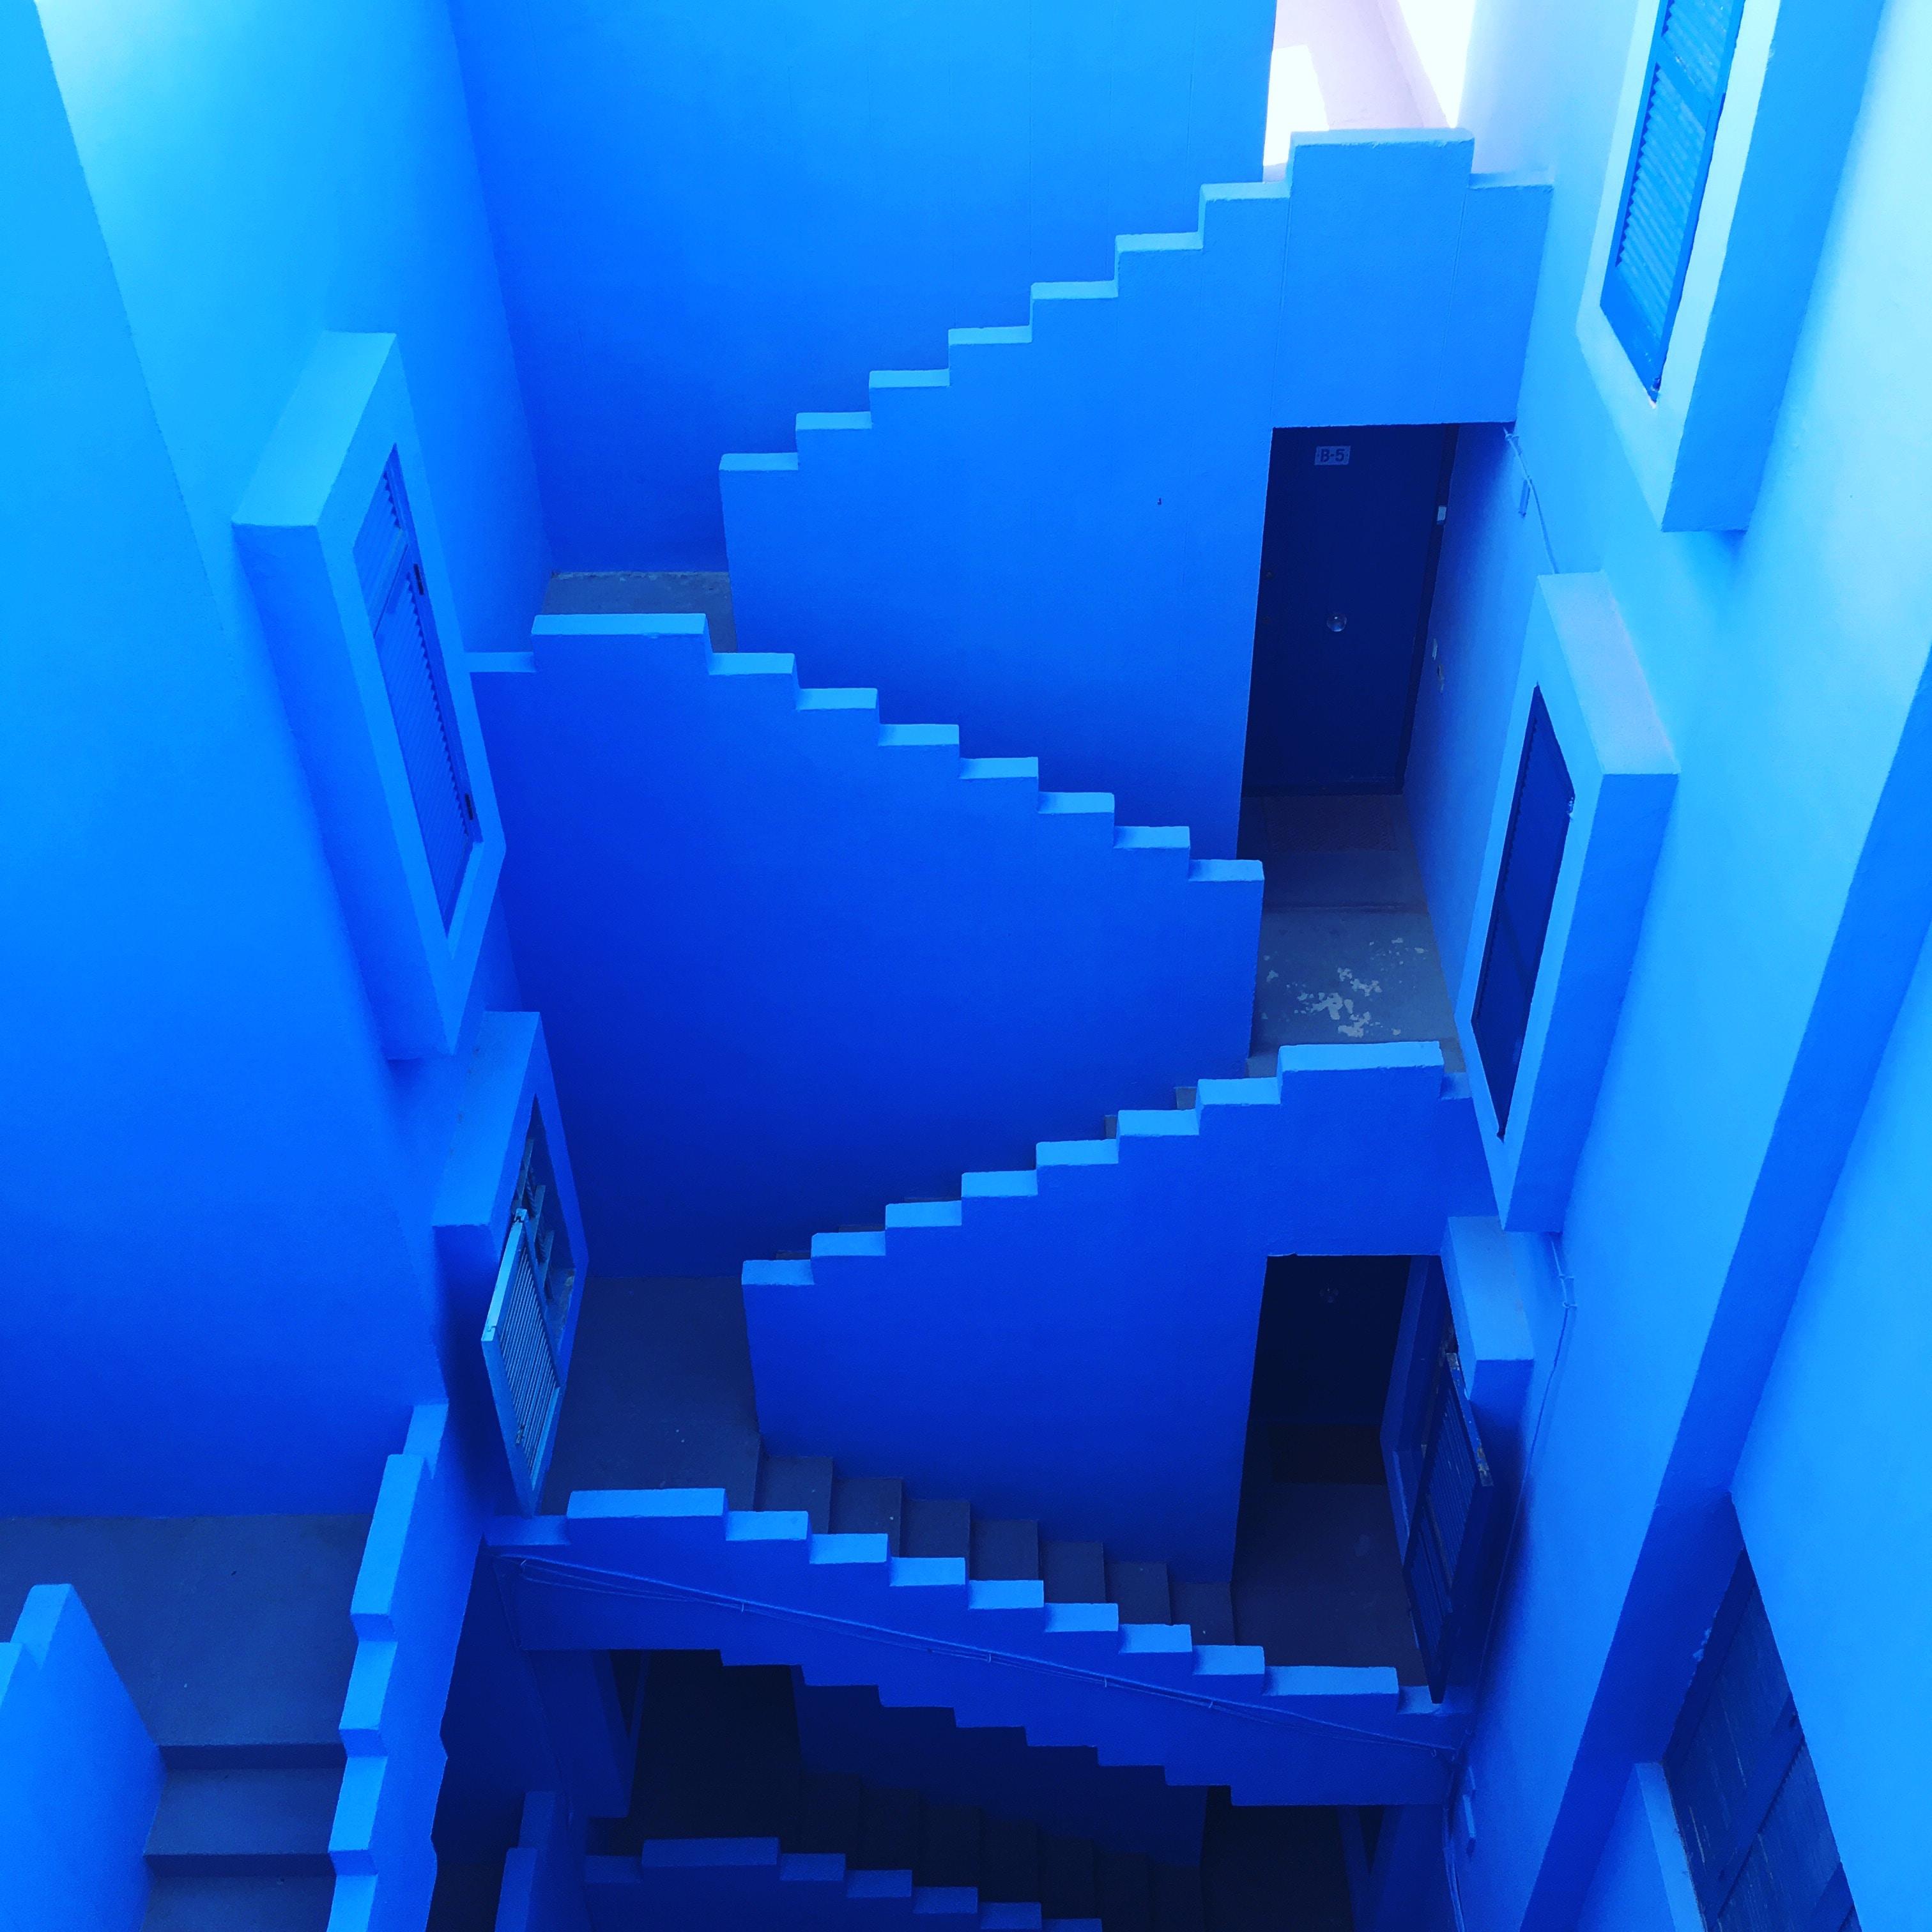 blue maze room interior